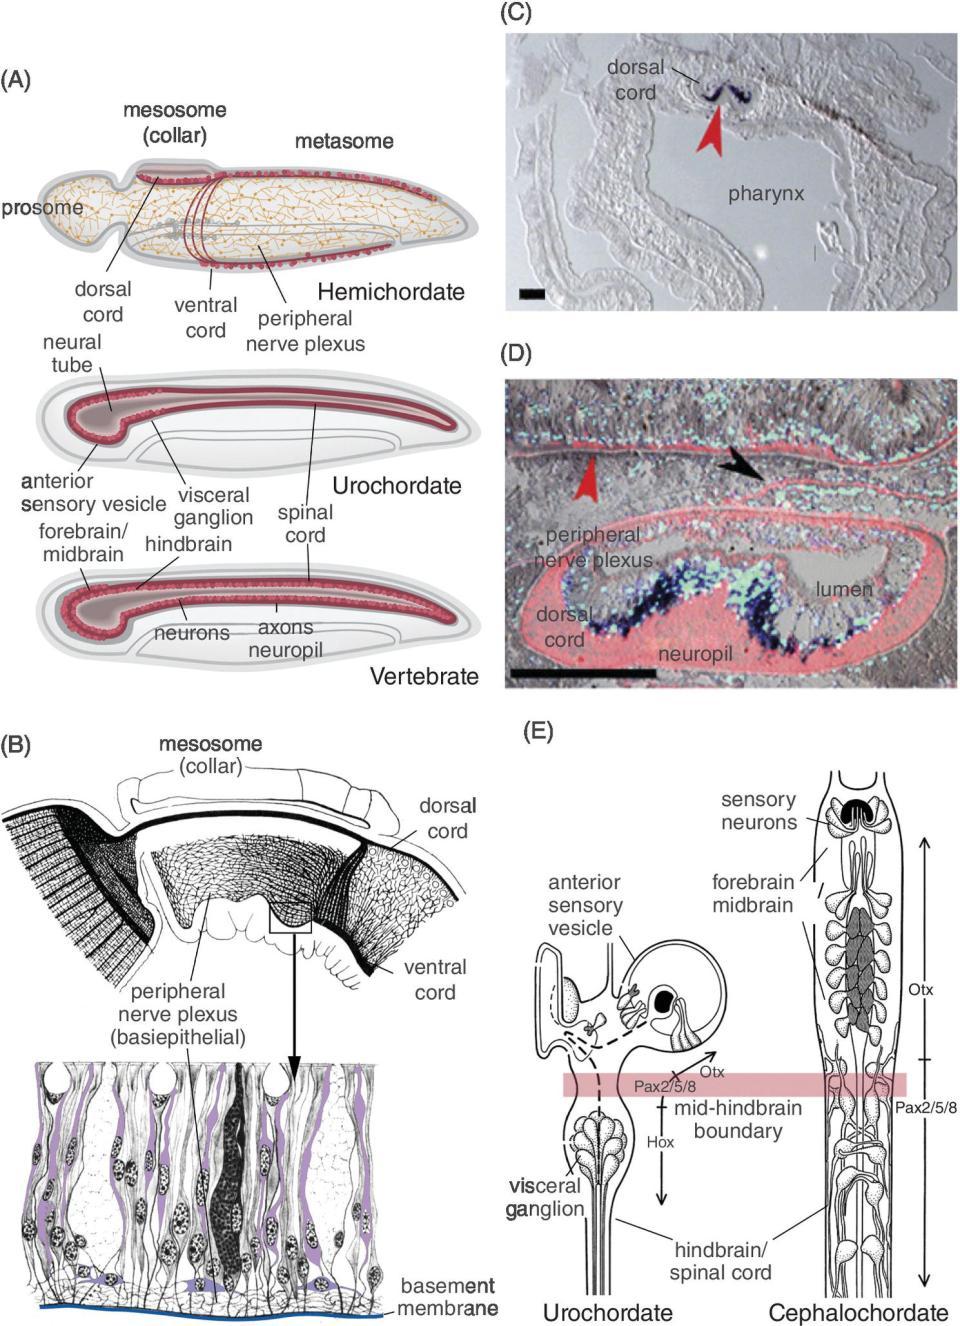 Groß Katze Anatomie Diagramm Bilder - Menschliche Anatomie Bilder ...